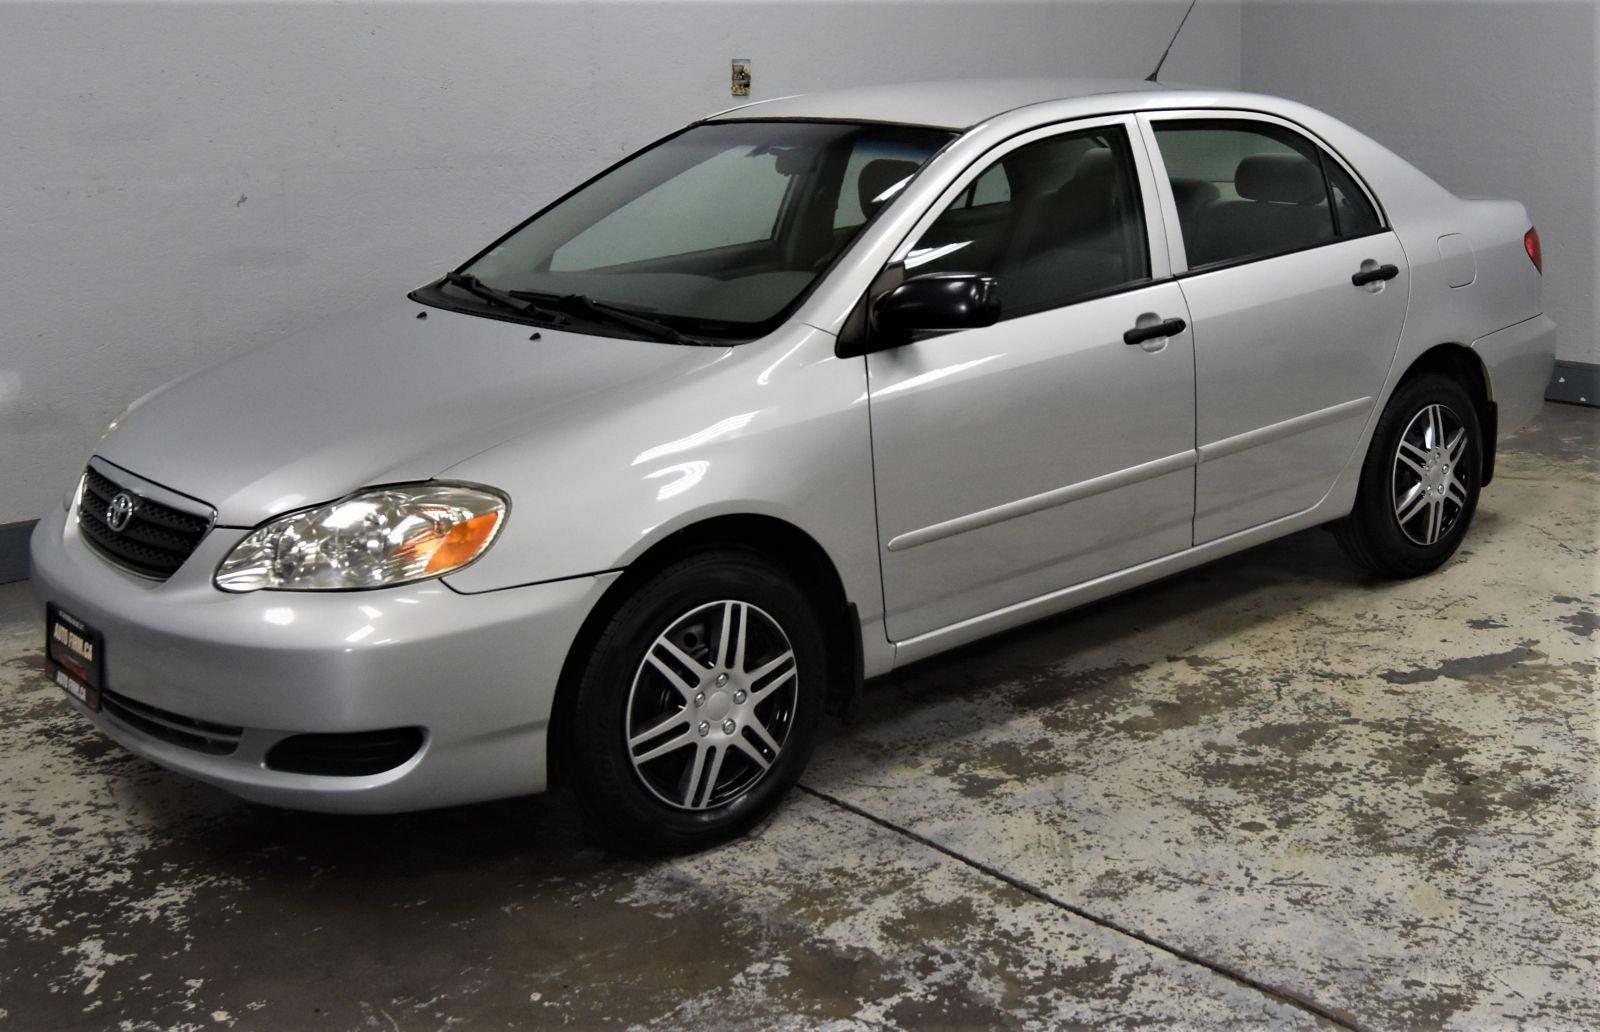 2007 Toyota Corolla Image